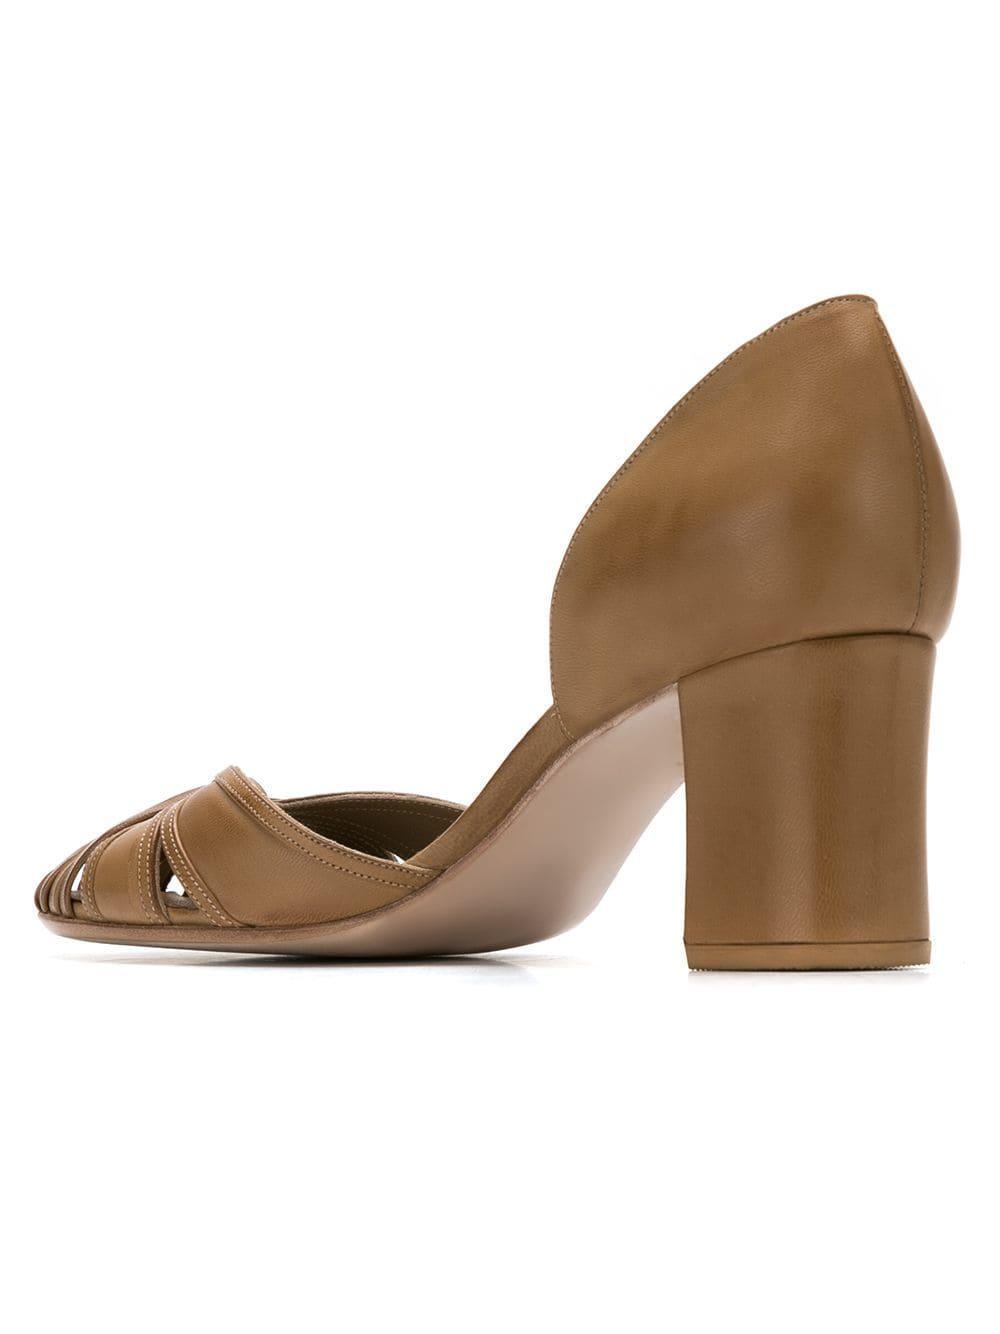 Zapatos de tacón Sarah Chofakian de Cuero de color Marrón